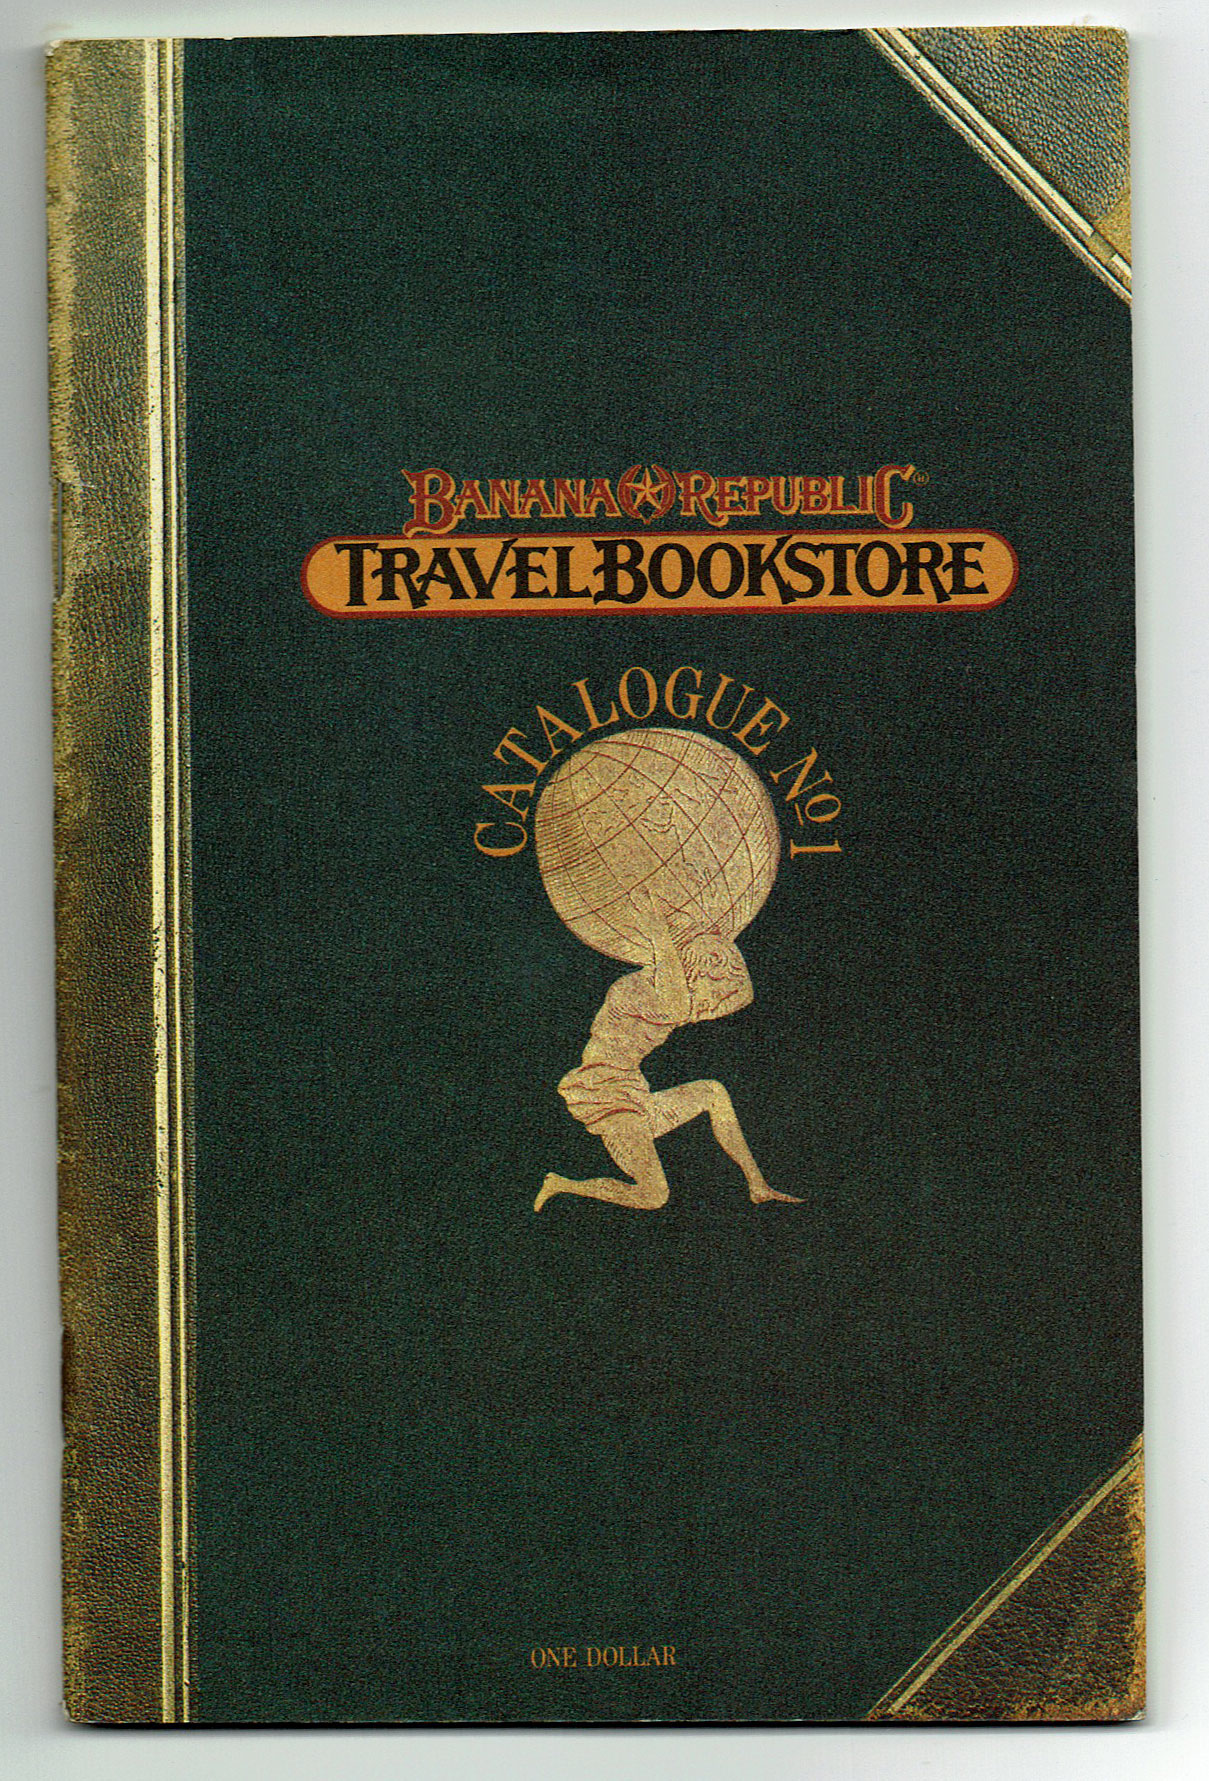 BookstoreCat01